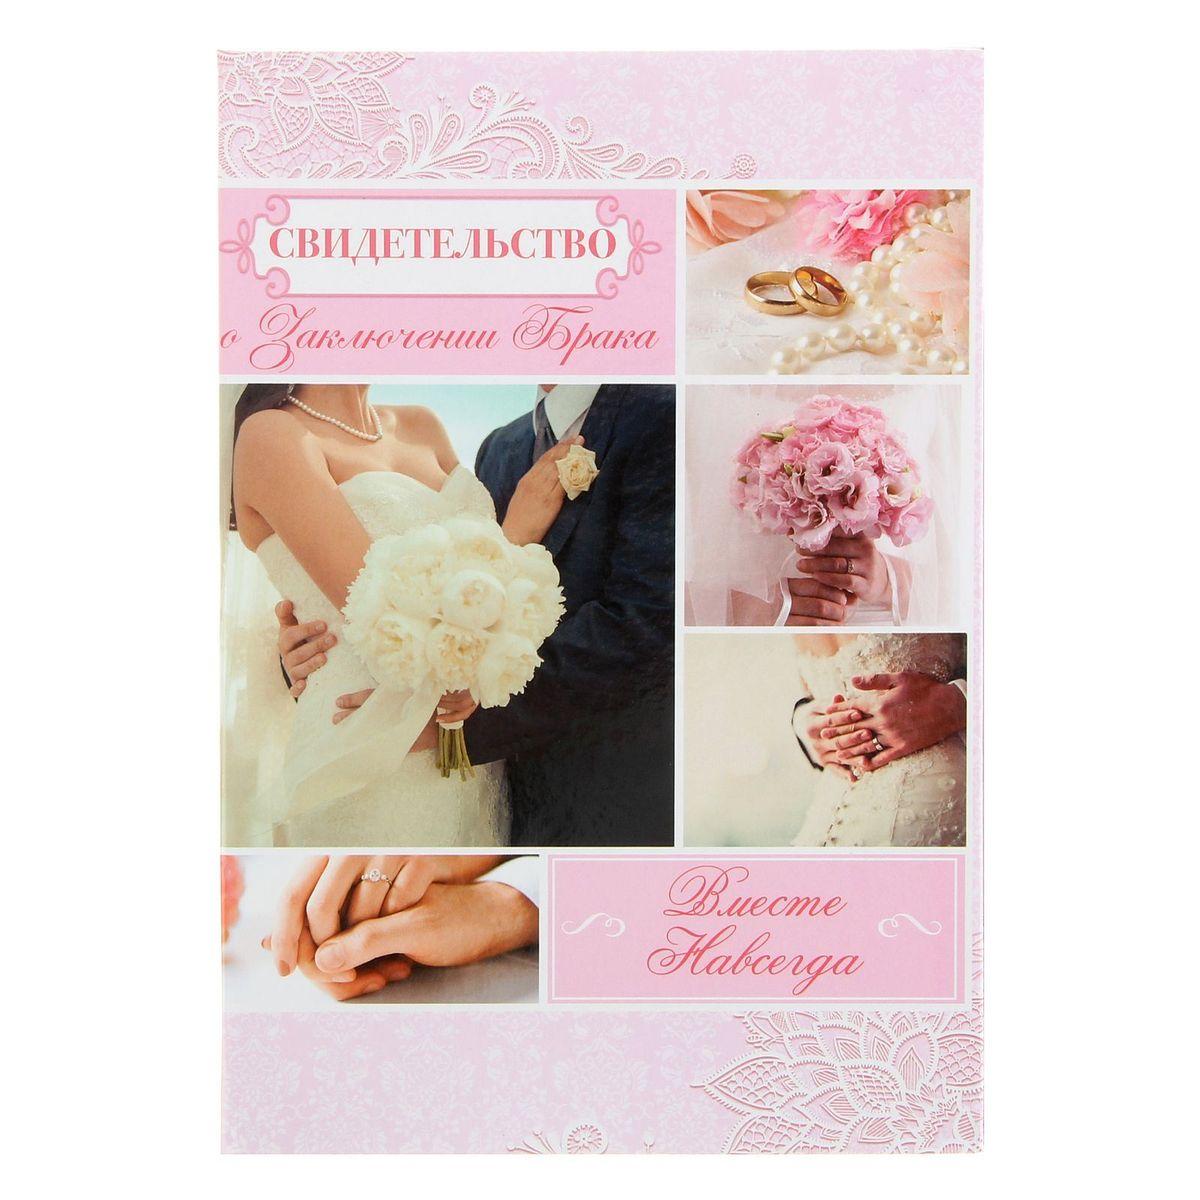 Папка для свидетельства о заключении брака Sima-land Коллаж букет, 0,3 x 20,5 x 14,2 см1270029Папка для свидетельства о заключении брака — наилучшее обрамление первого совместного документа молодой семьи. Она подчеркнёт торжественность бракосочетания и будет напоминать вам о светлом дне свадьбы!Папка формата А5 из ламинированного картона имеет удобный файл внутри (27 х 20 см), который бережно сохранит столь важный документ в первозданном виде.Интересный дизайн обложки и душевные пожелания создадут отличное настроение новобрачным. Выберите этот аксессуар себе или подарите друзьям. Папка станет хорошим презентом на свадьбу или её годовщину.